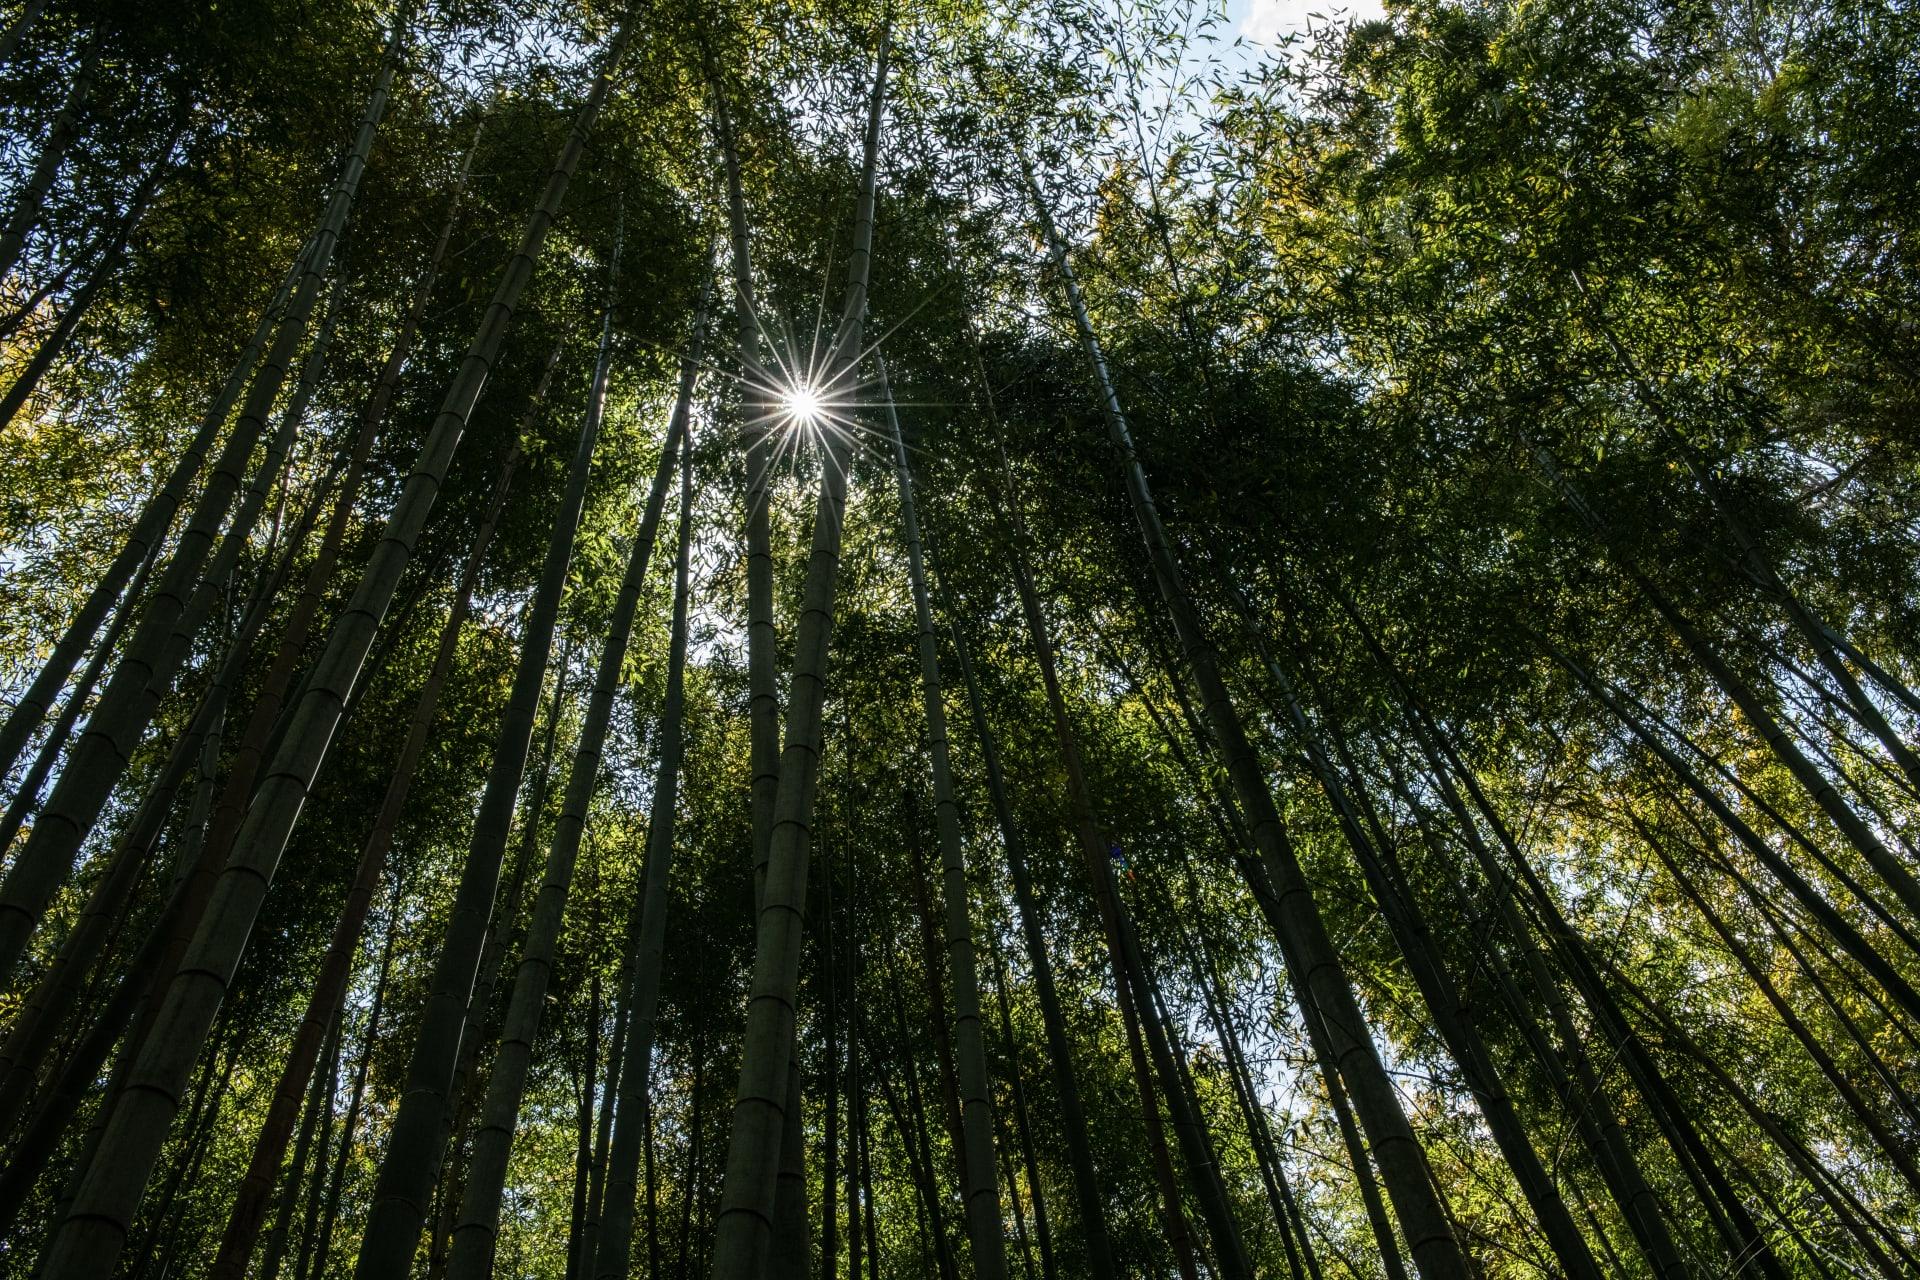 قد يقلل من فاتورة الطاقة الخاصة بك.. هذا ما يجعل الخشب الشفاف أفضل من الزجاج